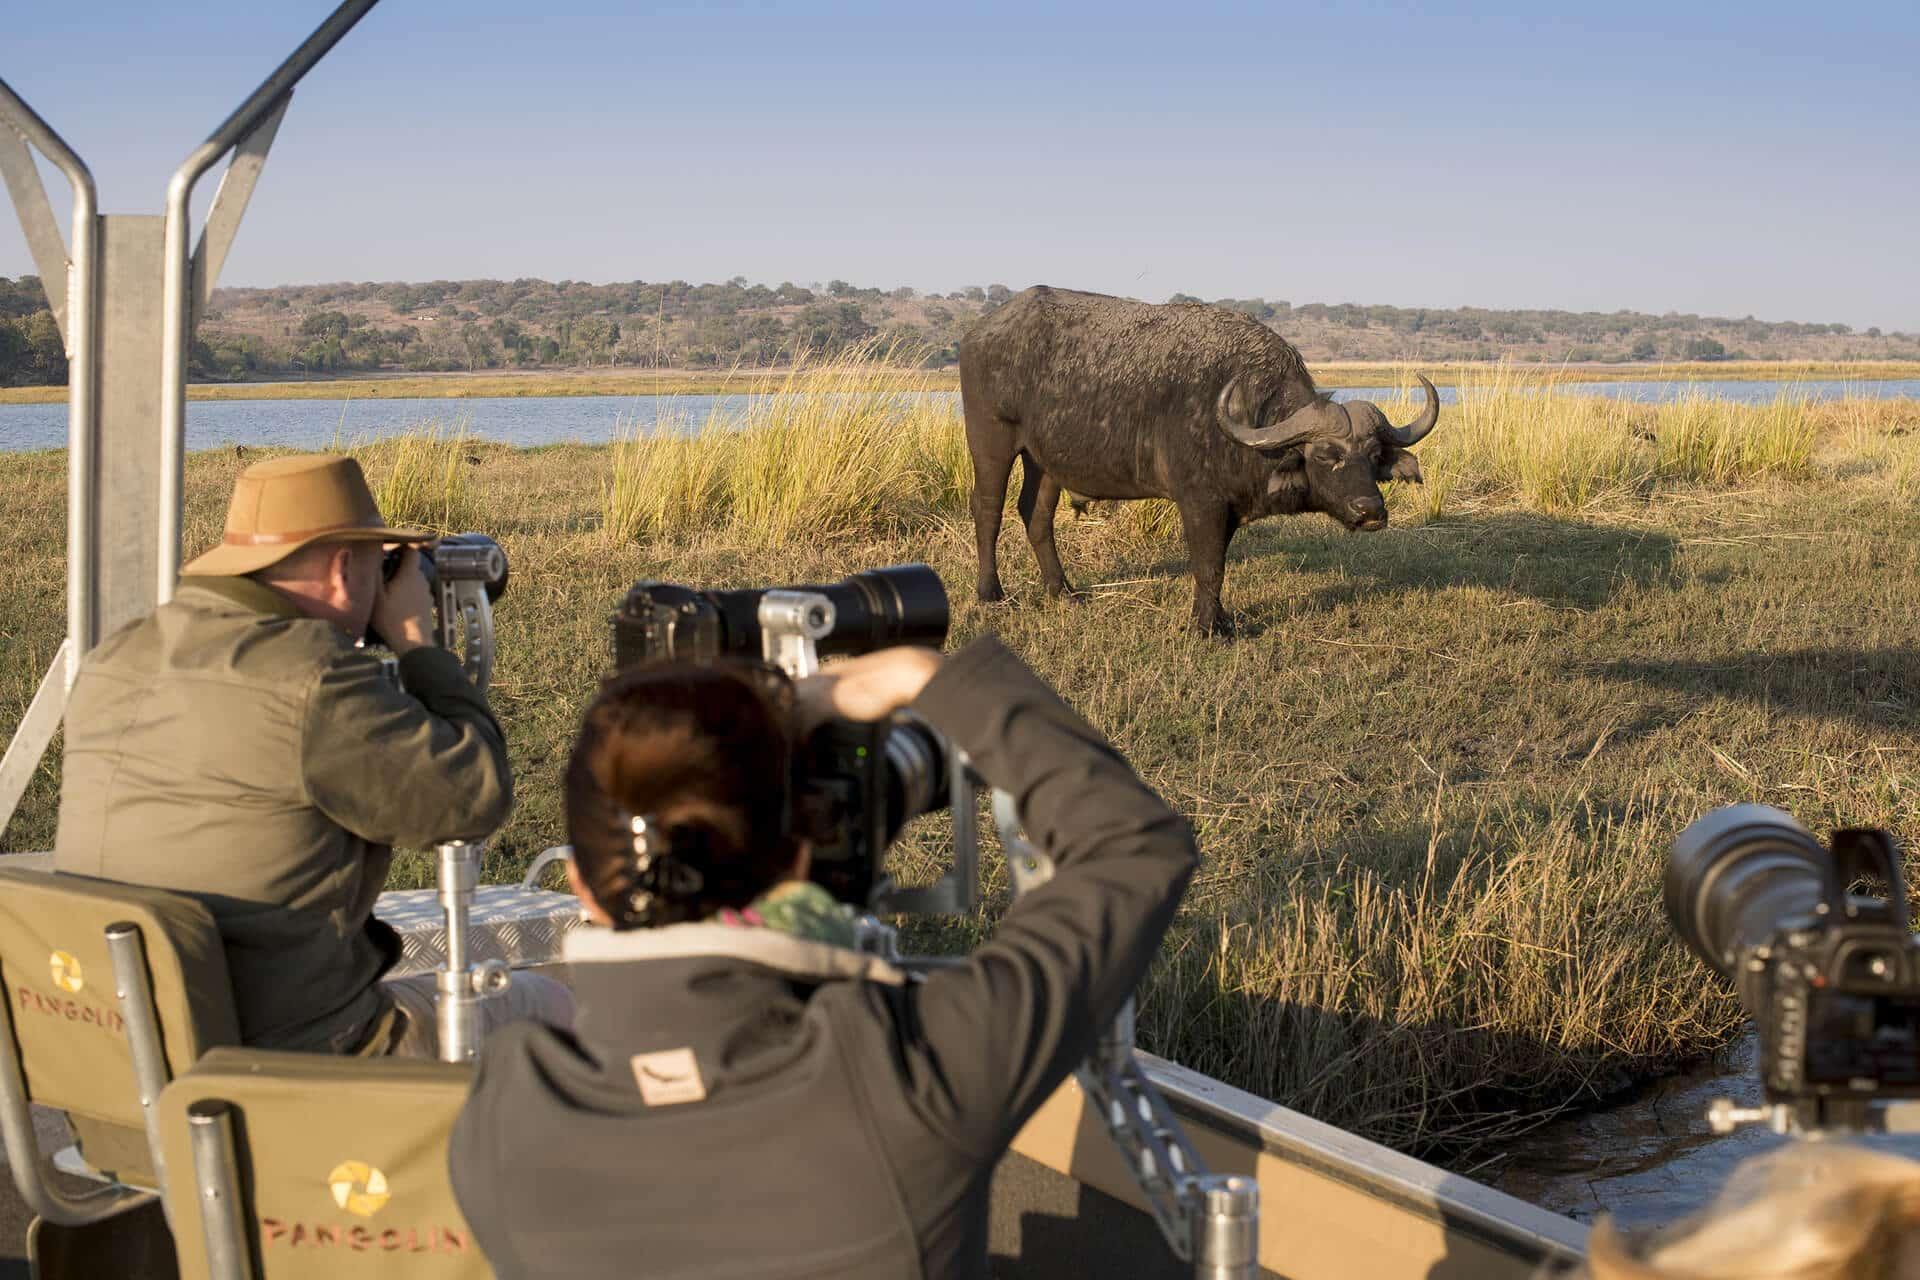 Photographers sighting a buffalo